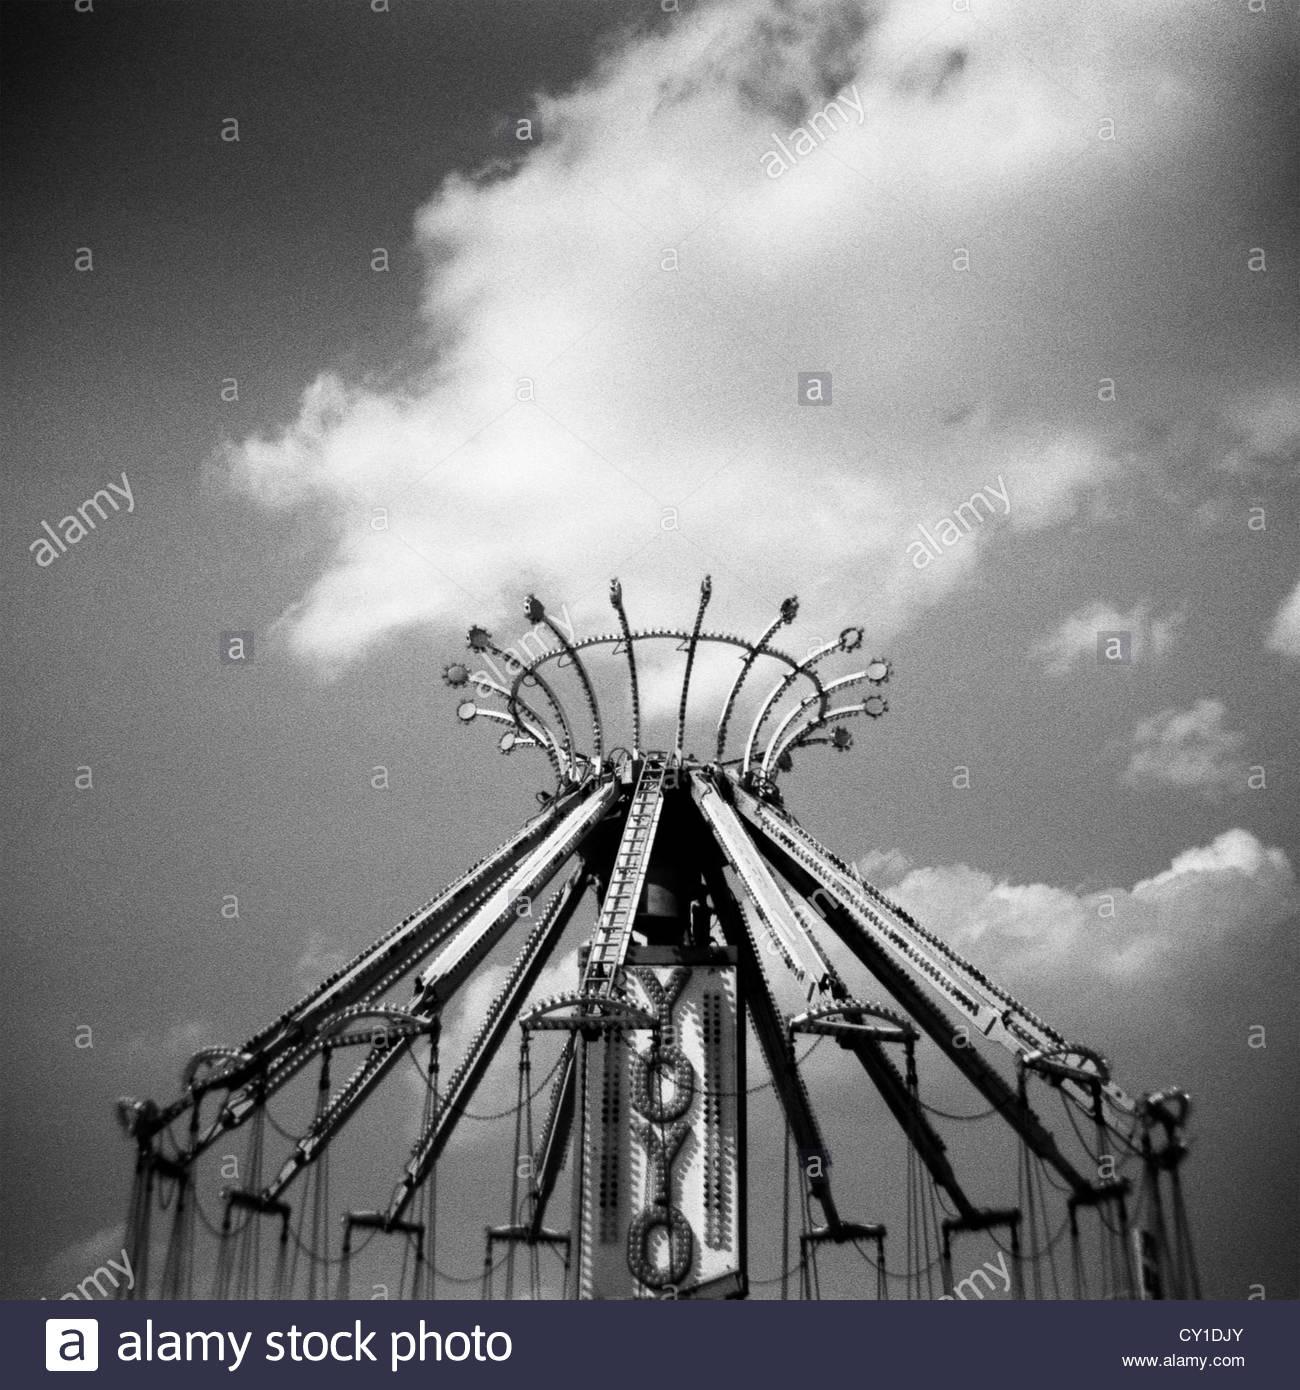 Holga Karneval Schwarzweißbild Yoyo fahren mit Wolken Stockbild